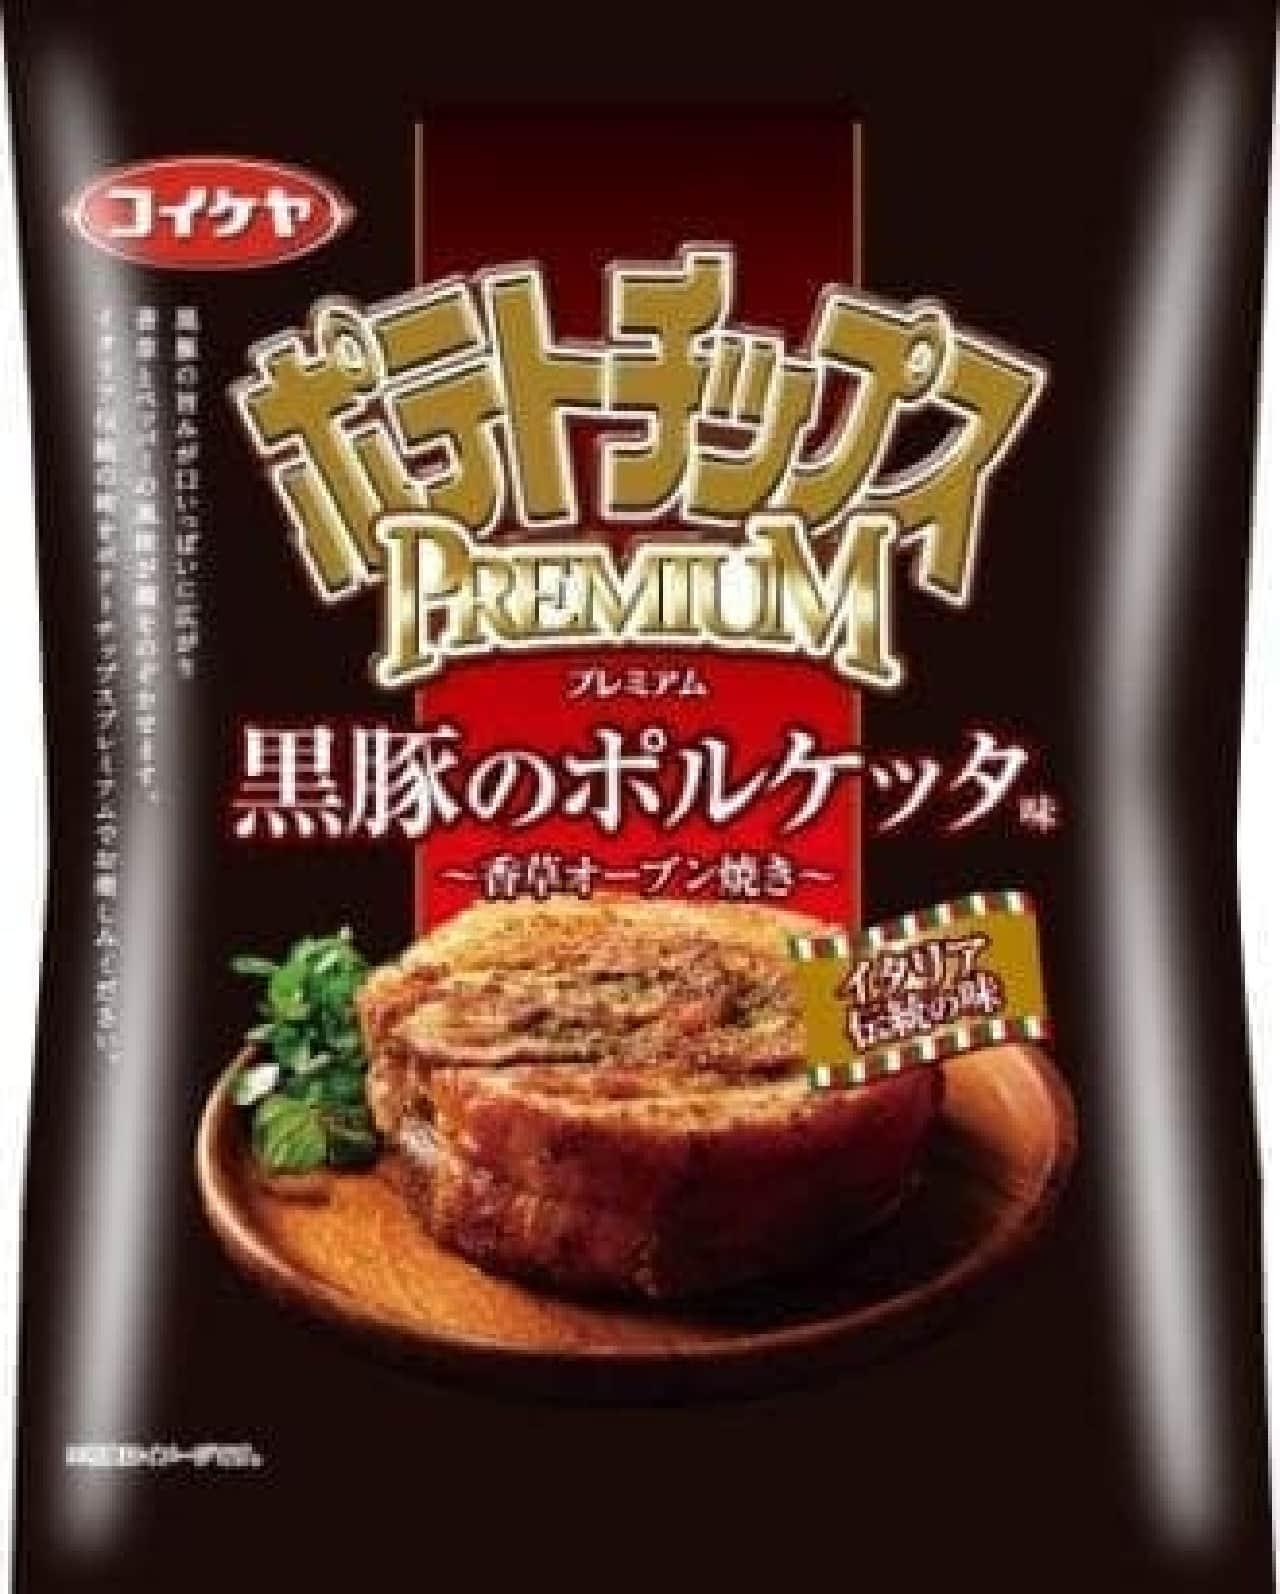 ポテトチップス プレミアム 黒豚のポルケッタ味